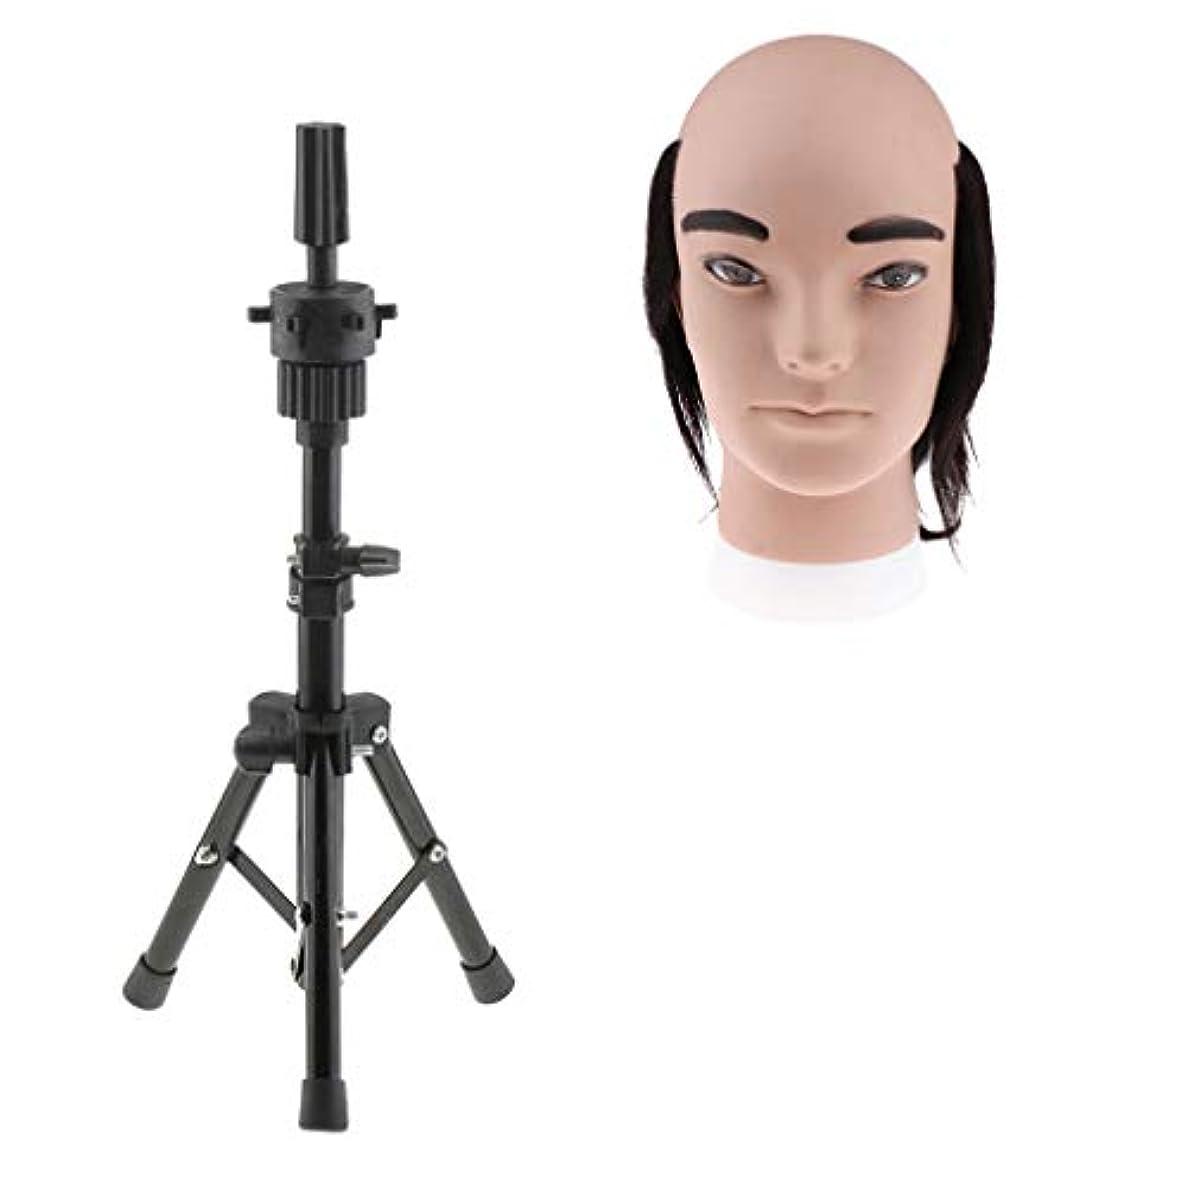 バルコニー同意意味CUTICATE 人間の髪毛 男性 マネキン トレーニング マネキン美容人形 人形の頭付き三脚ホルダー